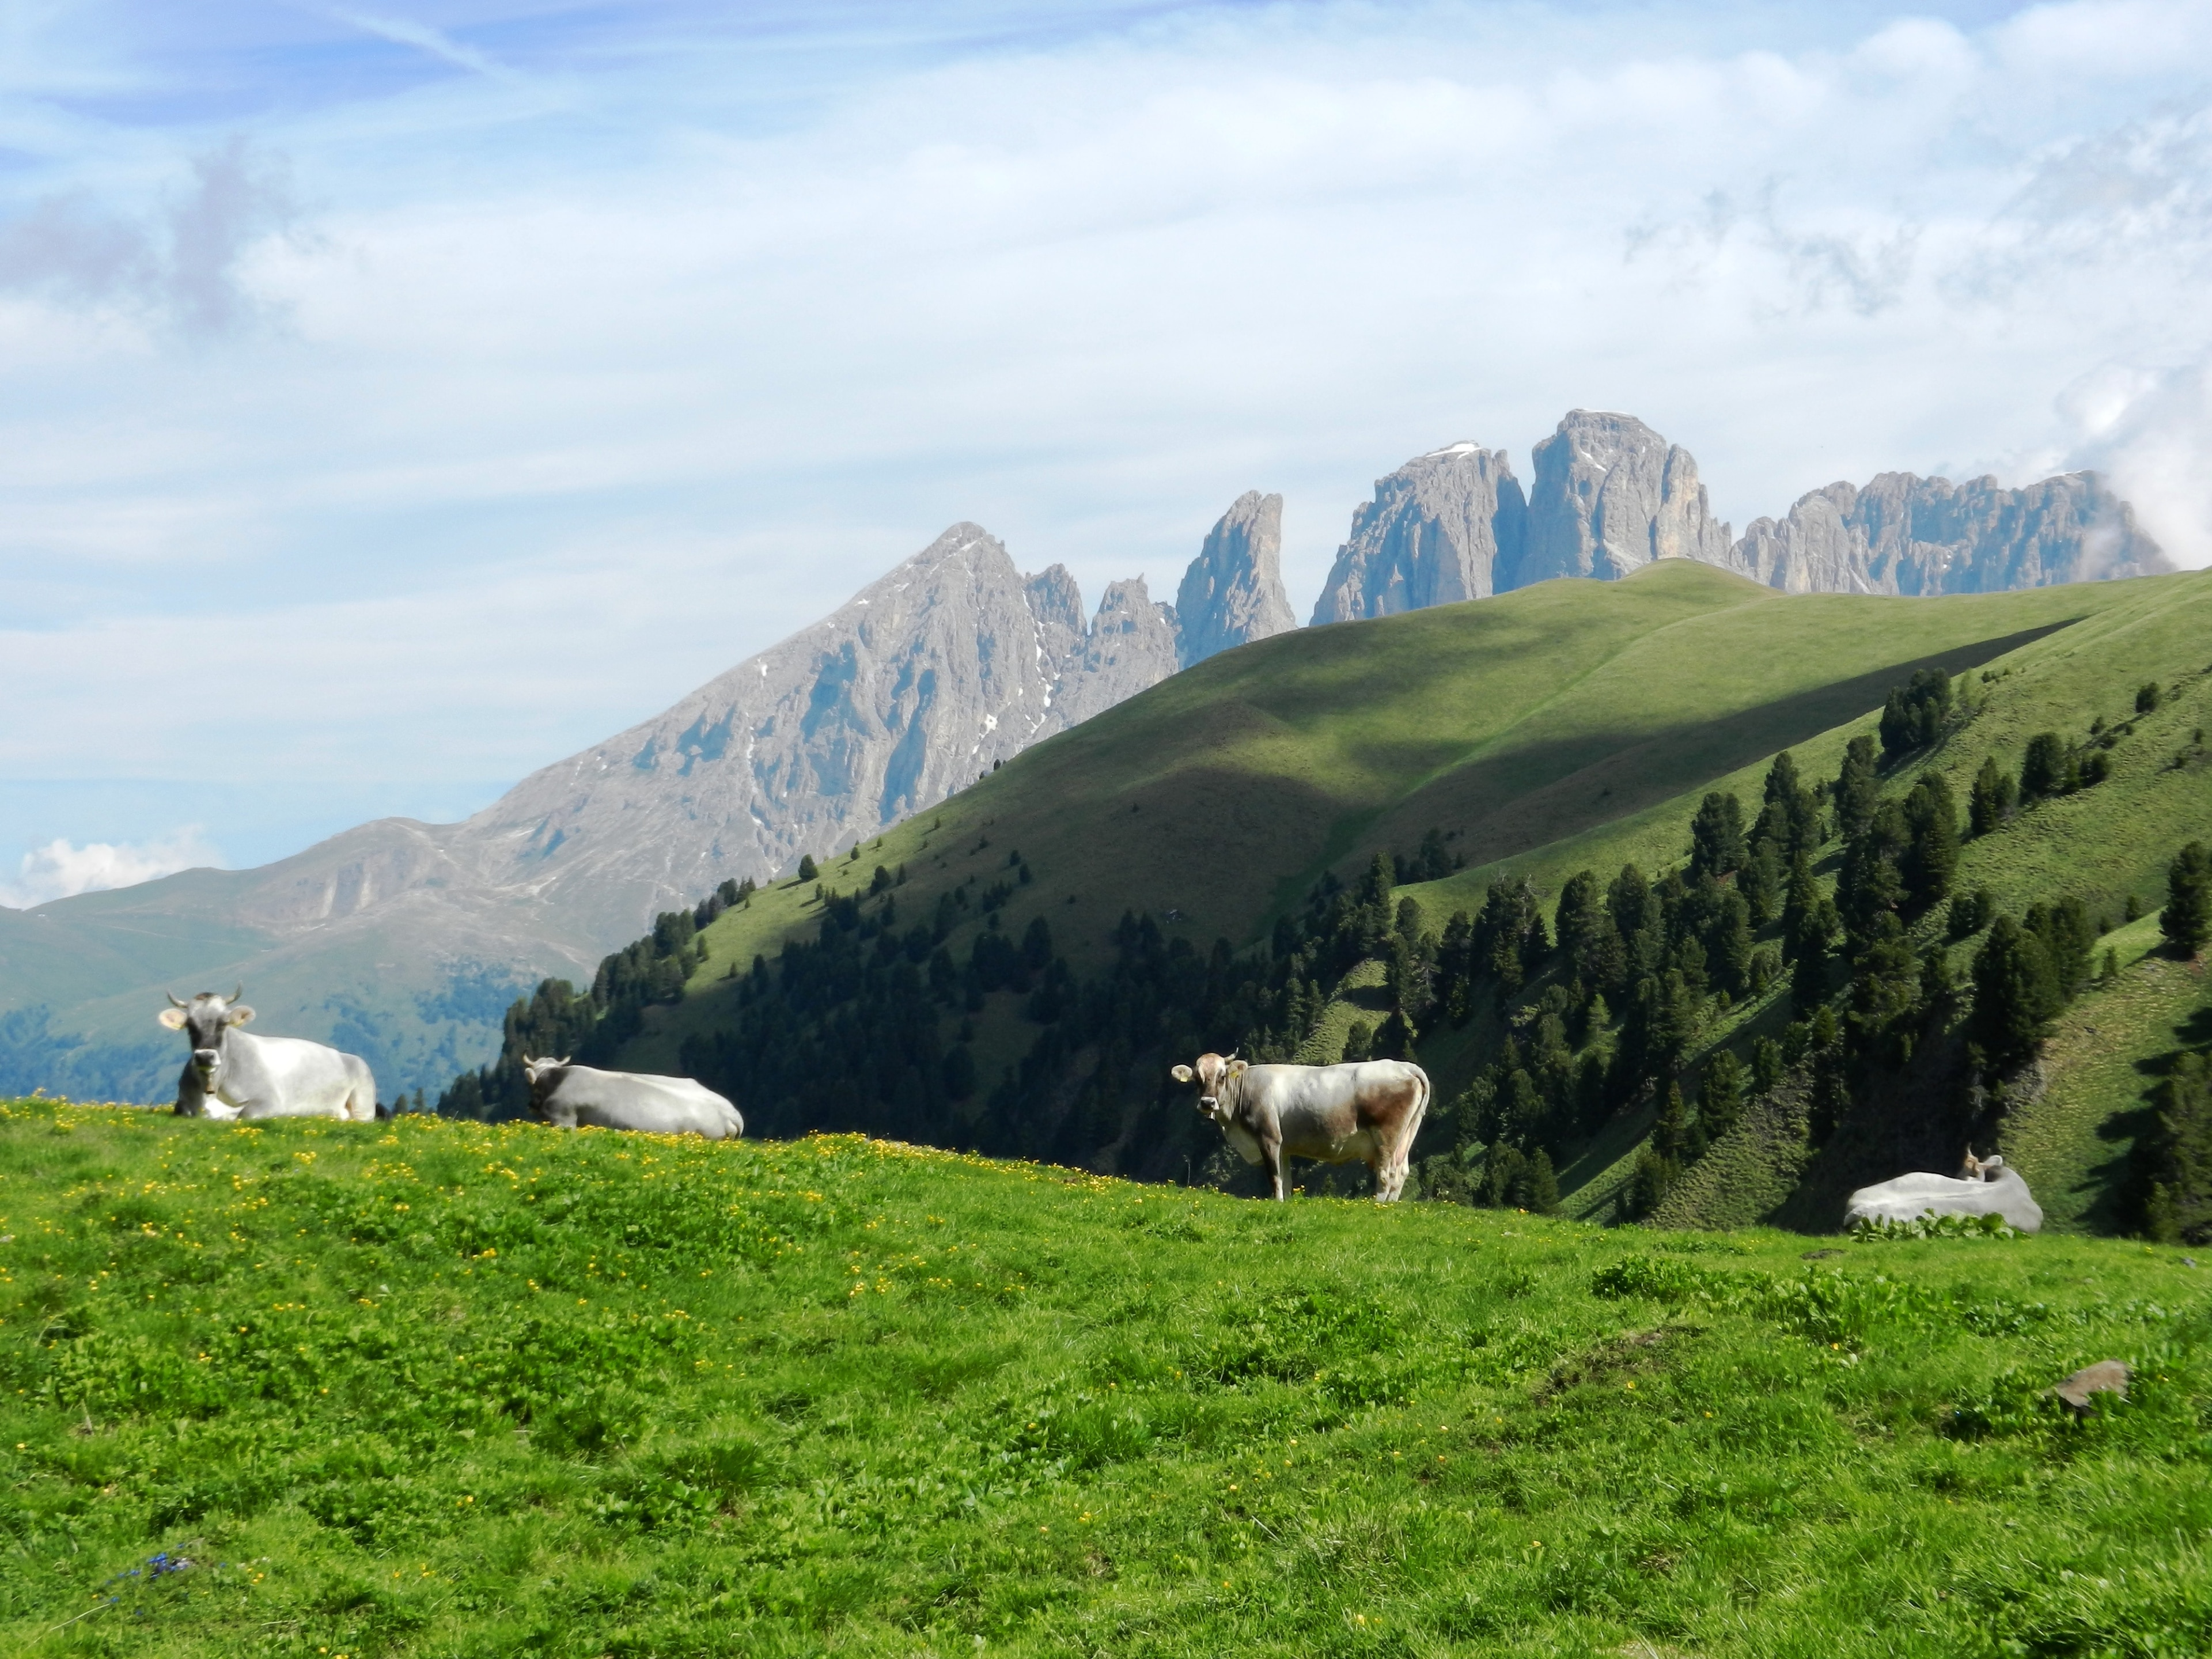 Mazzin, Trentino-Alto Adige, Italy